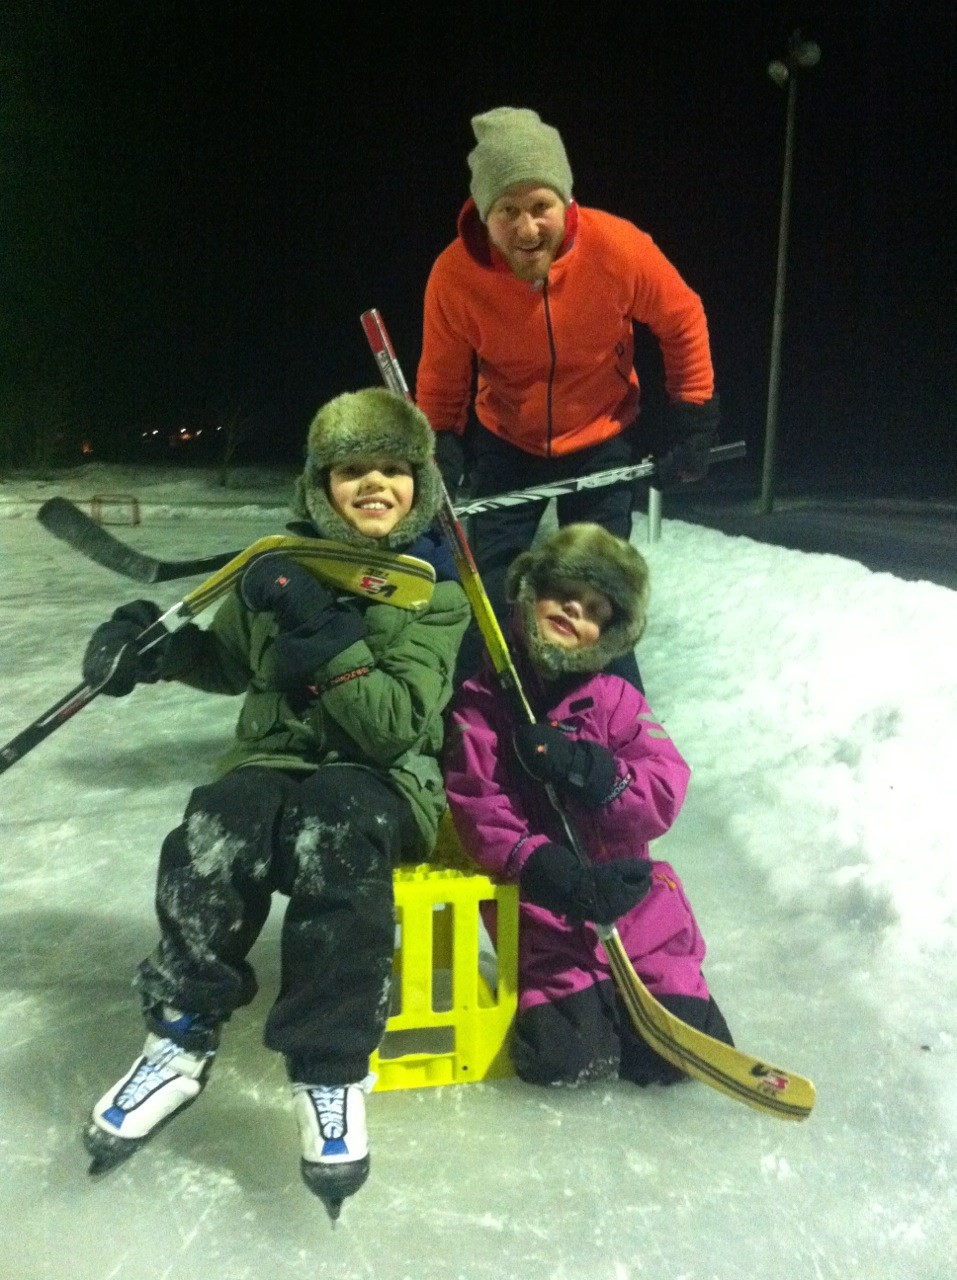 Ingebrigt, Maria og Knut prøvekjører isen på Bordholmen.  Foto: Laila K. Bergli